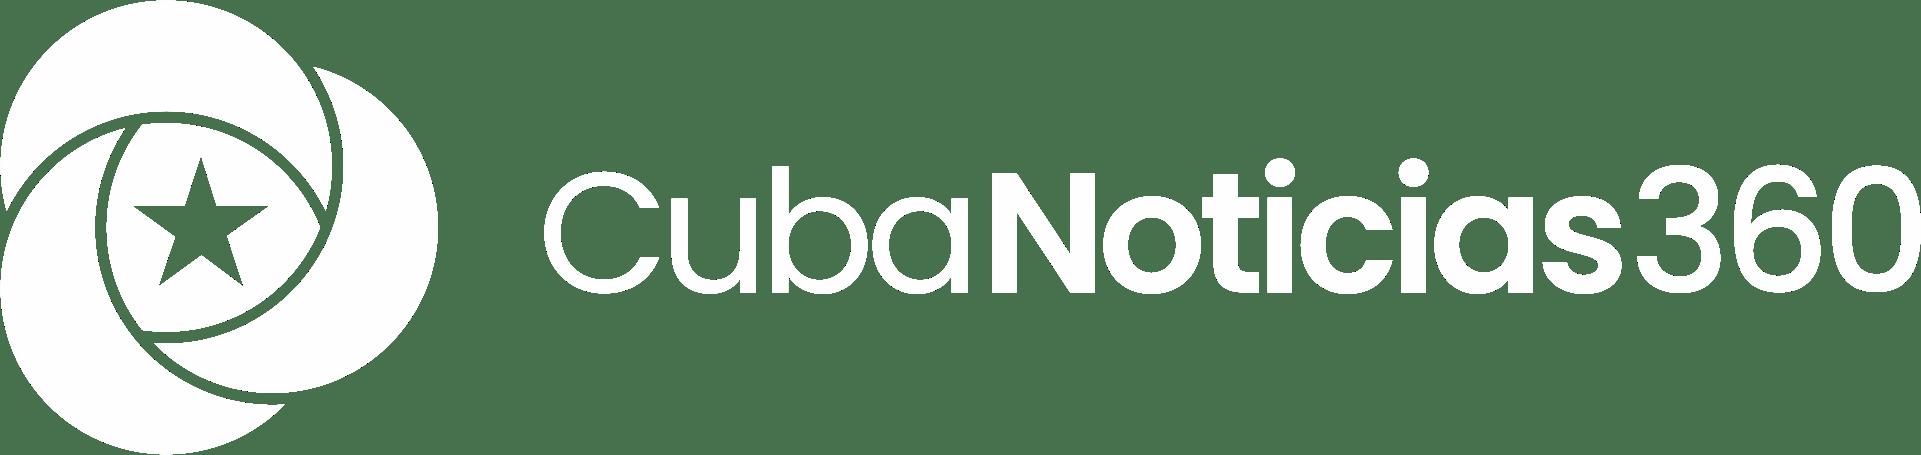 Noticias de Cuba | Cubanoticias 360